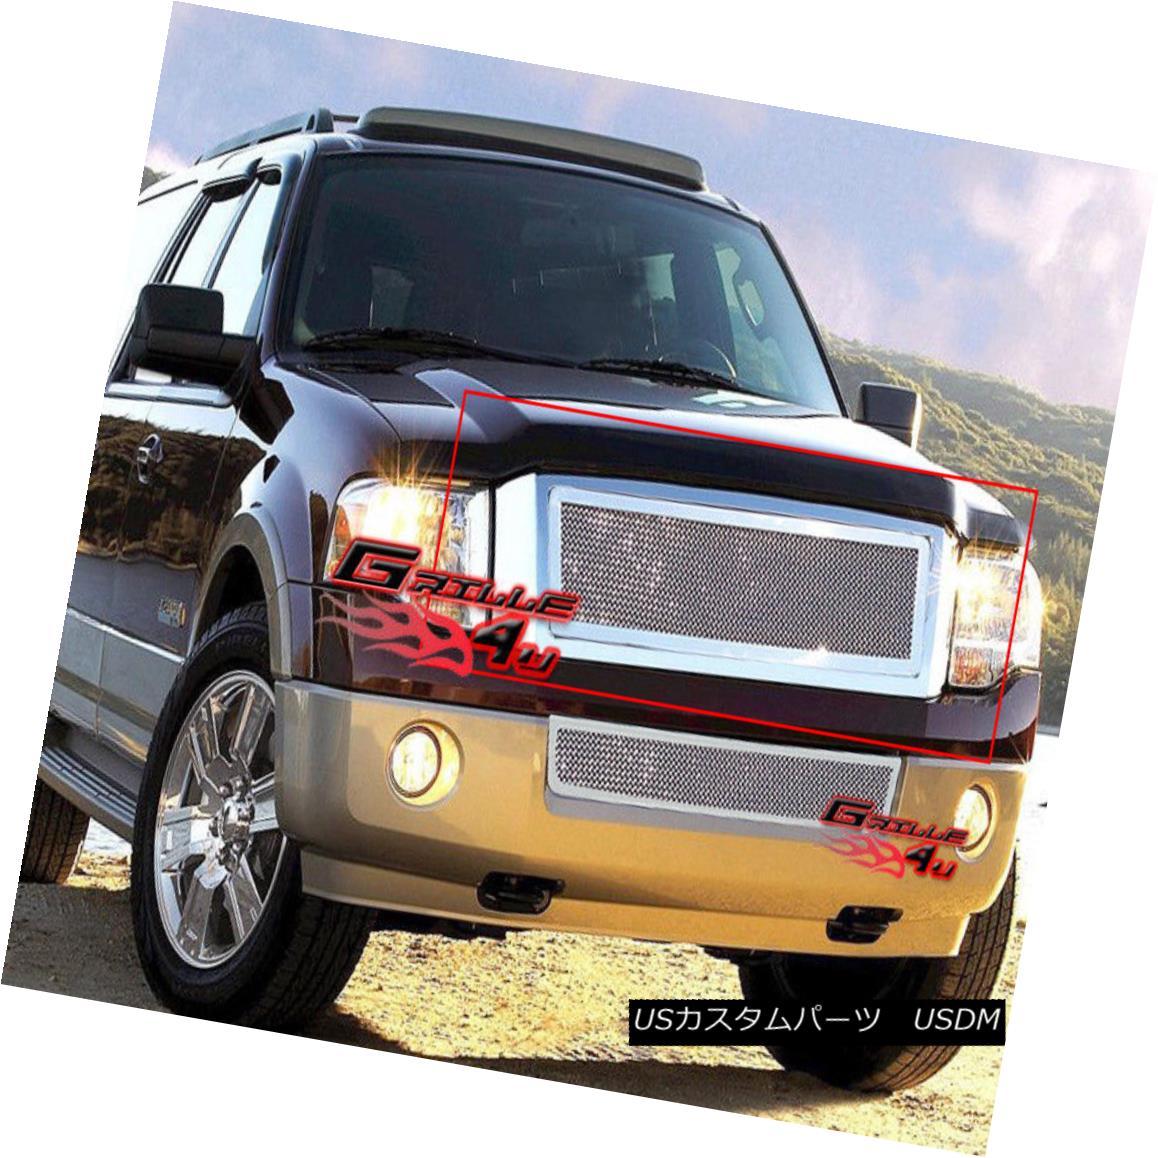 グリル For 07-14 2011 Ford Expedition Stainless Mesh Grille Insert 2011年7月14日、Ford Expeditionステンレスメッシュグリルインサート